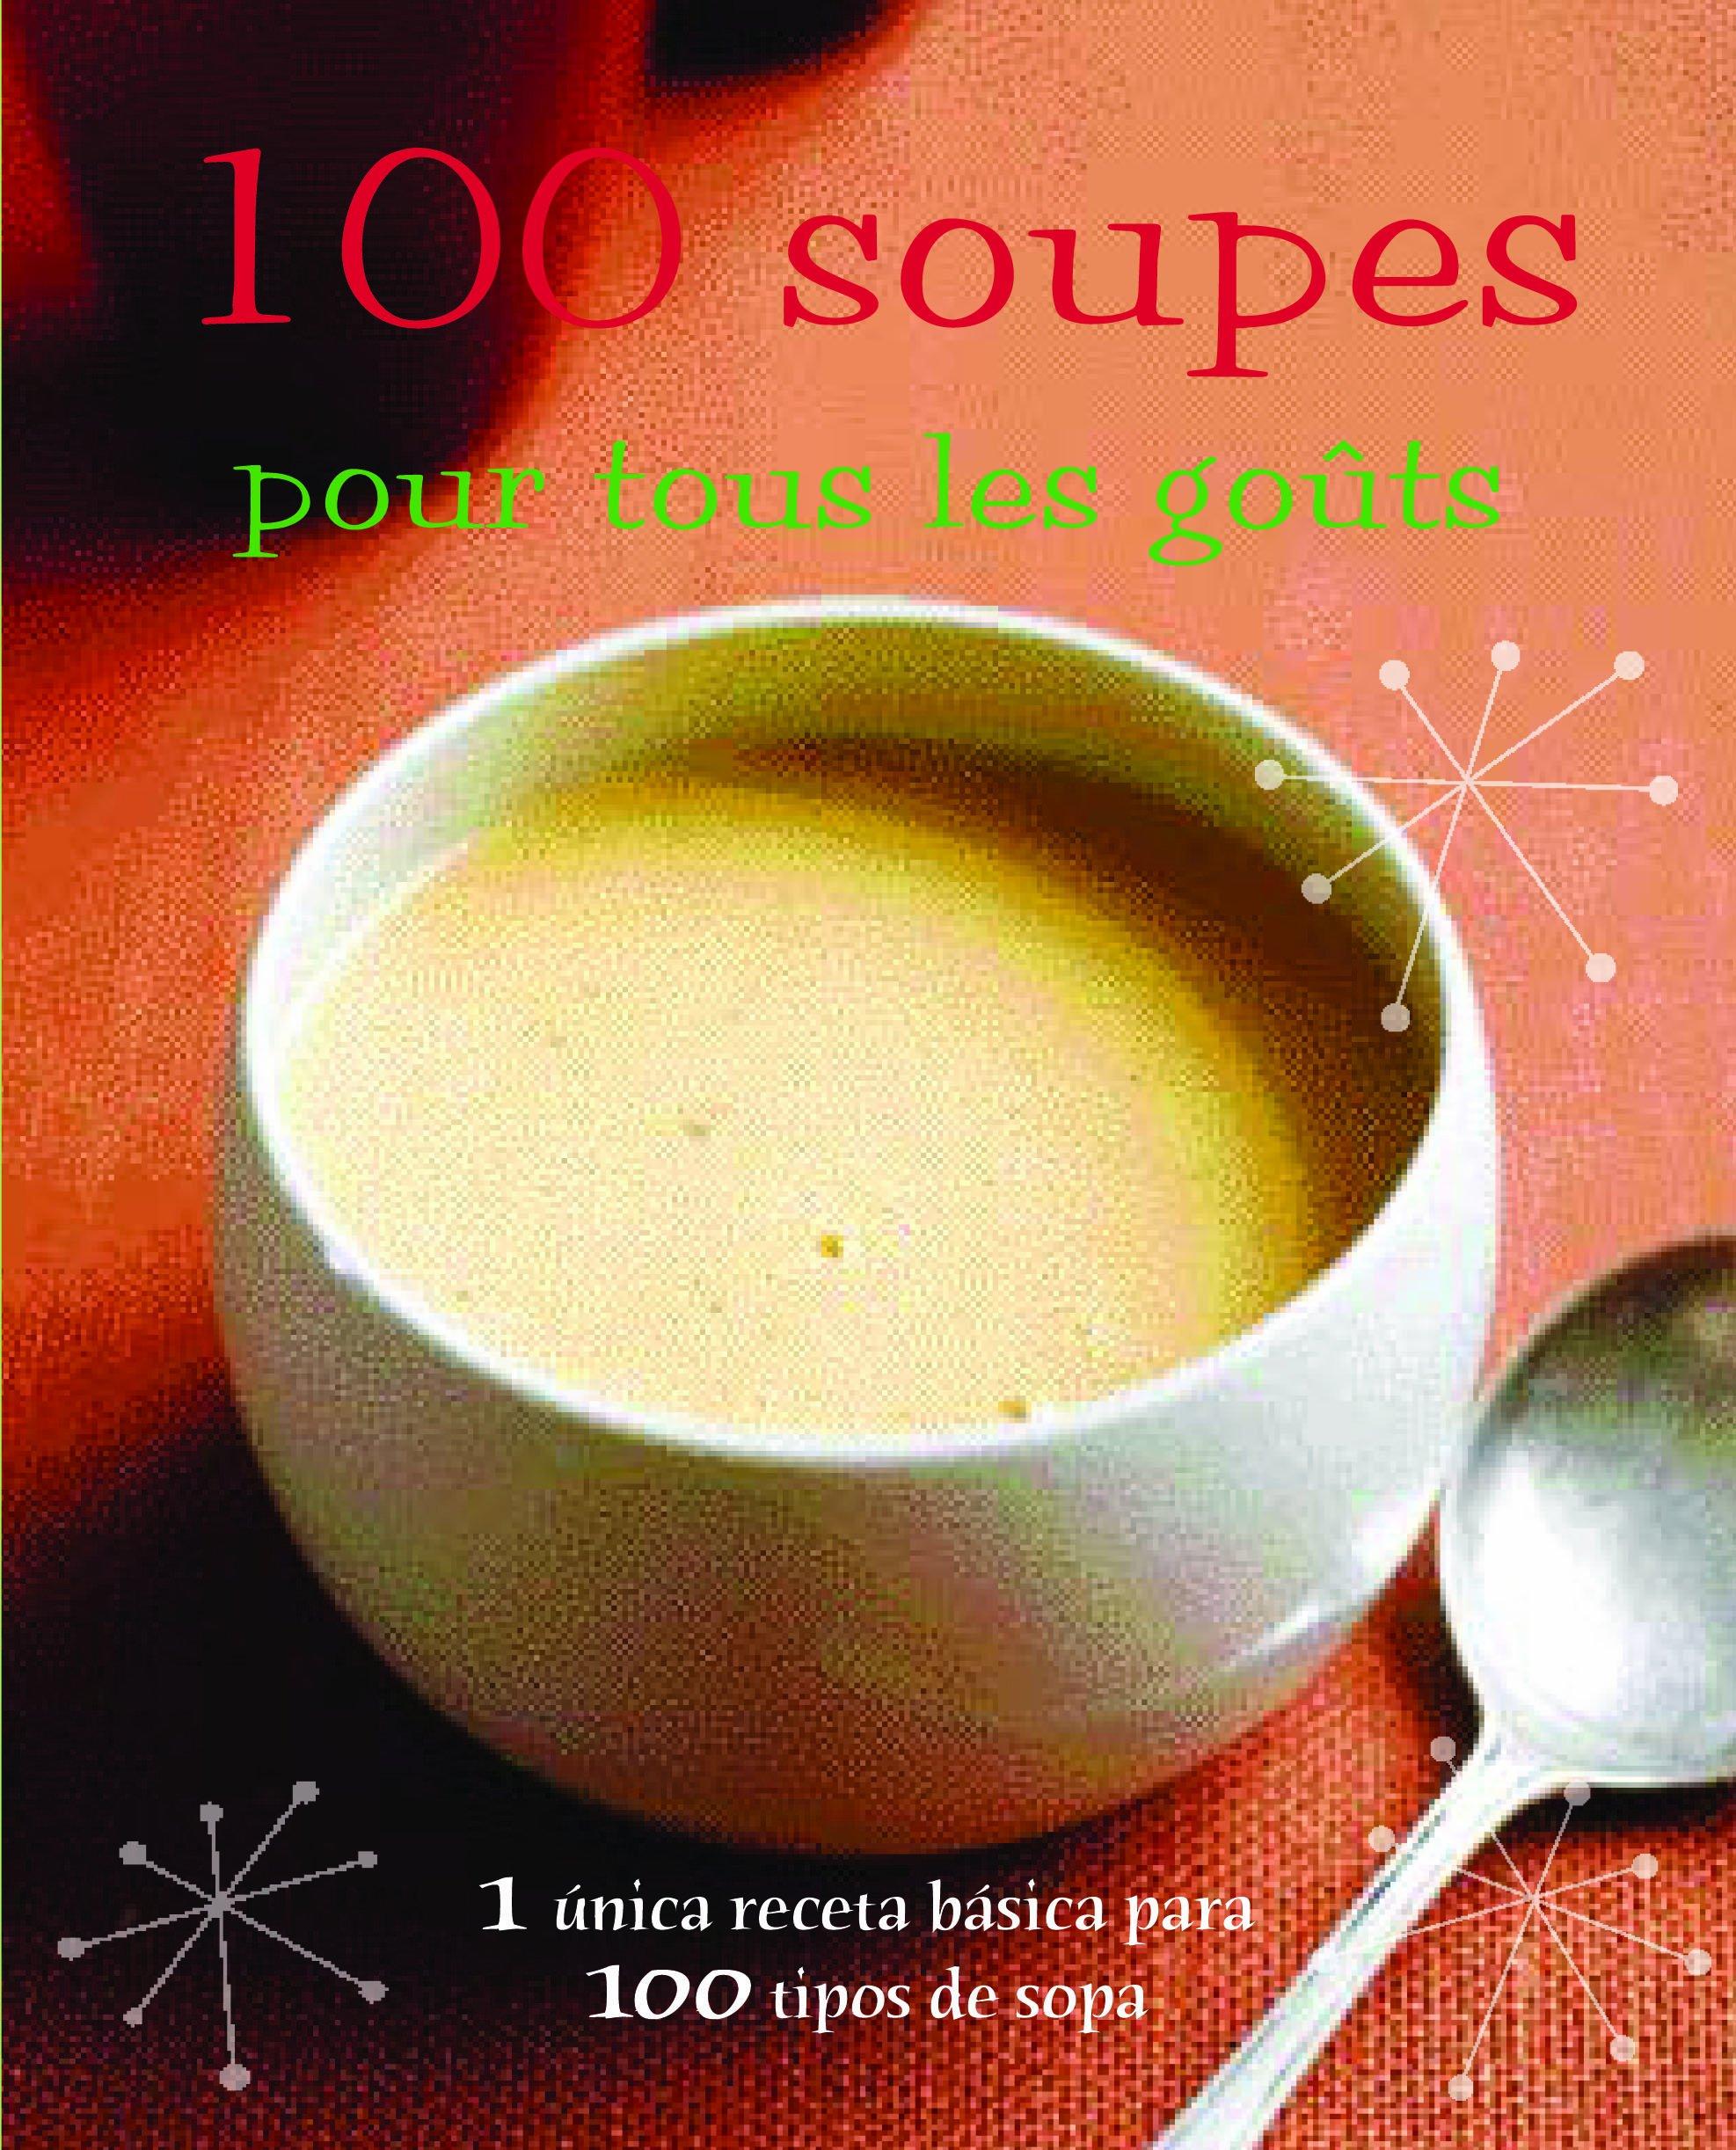 100 soupes pour tous les goûts Relié – 10 février 2014 Linda Doeser Parragon Books Ltd 1407574310 Cuisine